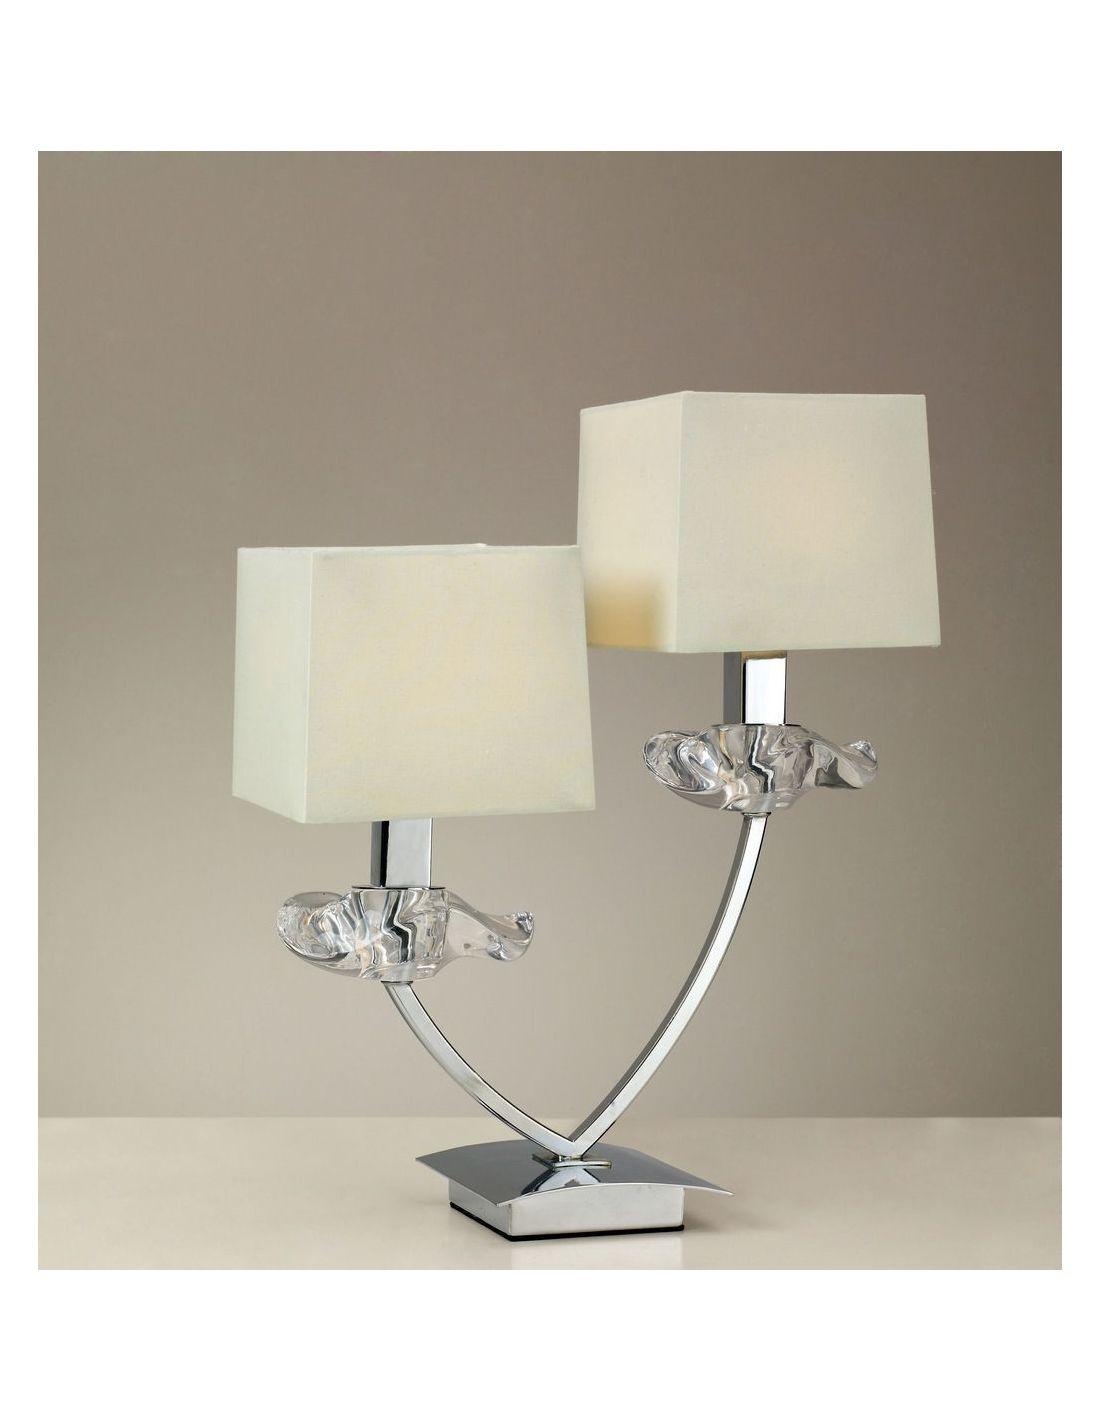 Lamparas lamparas modernas lamparas de techo modernas lamparas baratas lamparas modernas baratas - Pantallas de lamparas de mesa ...